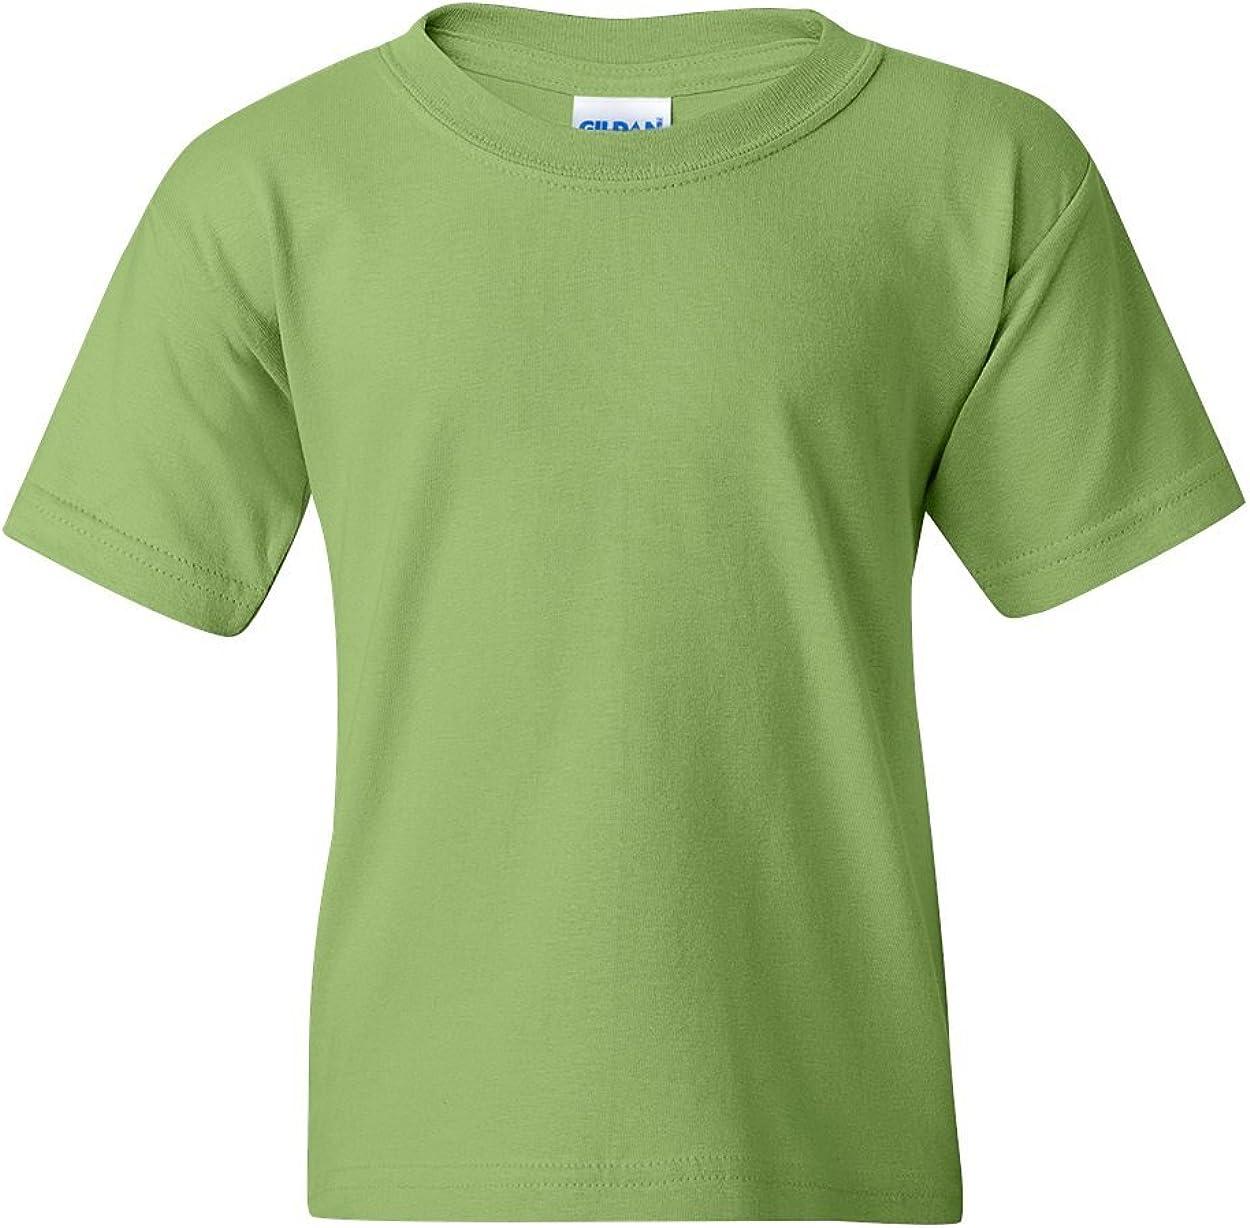 Heavy Cotton T-Shirt (G500B) Kiwi Green, M (Pack of 12)